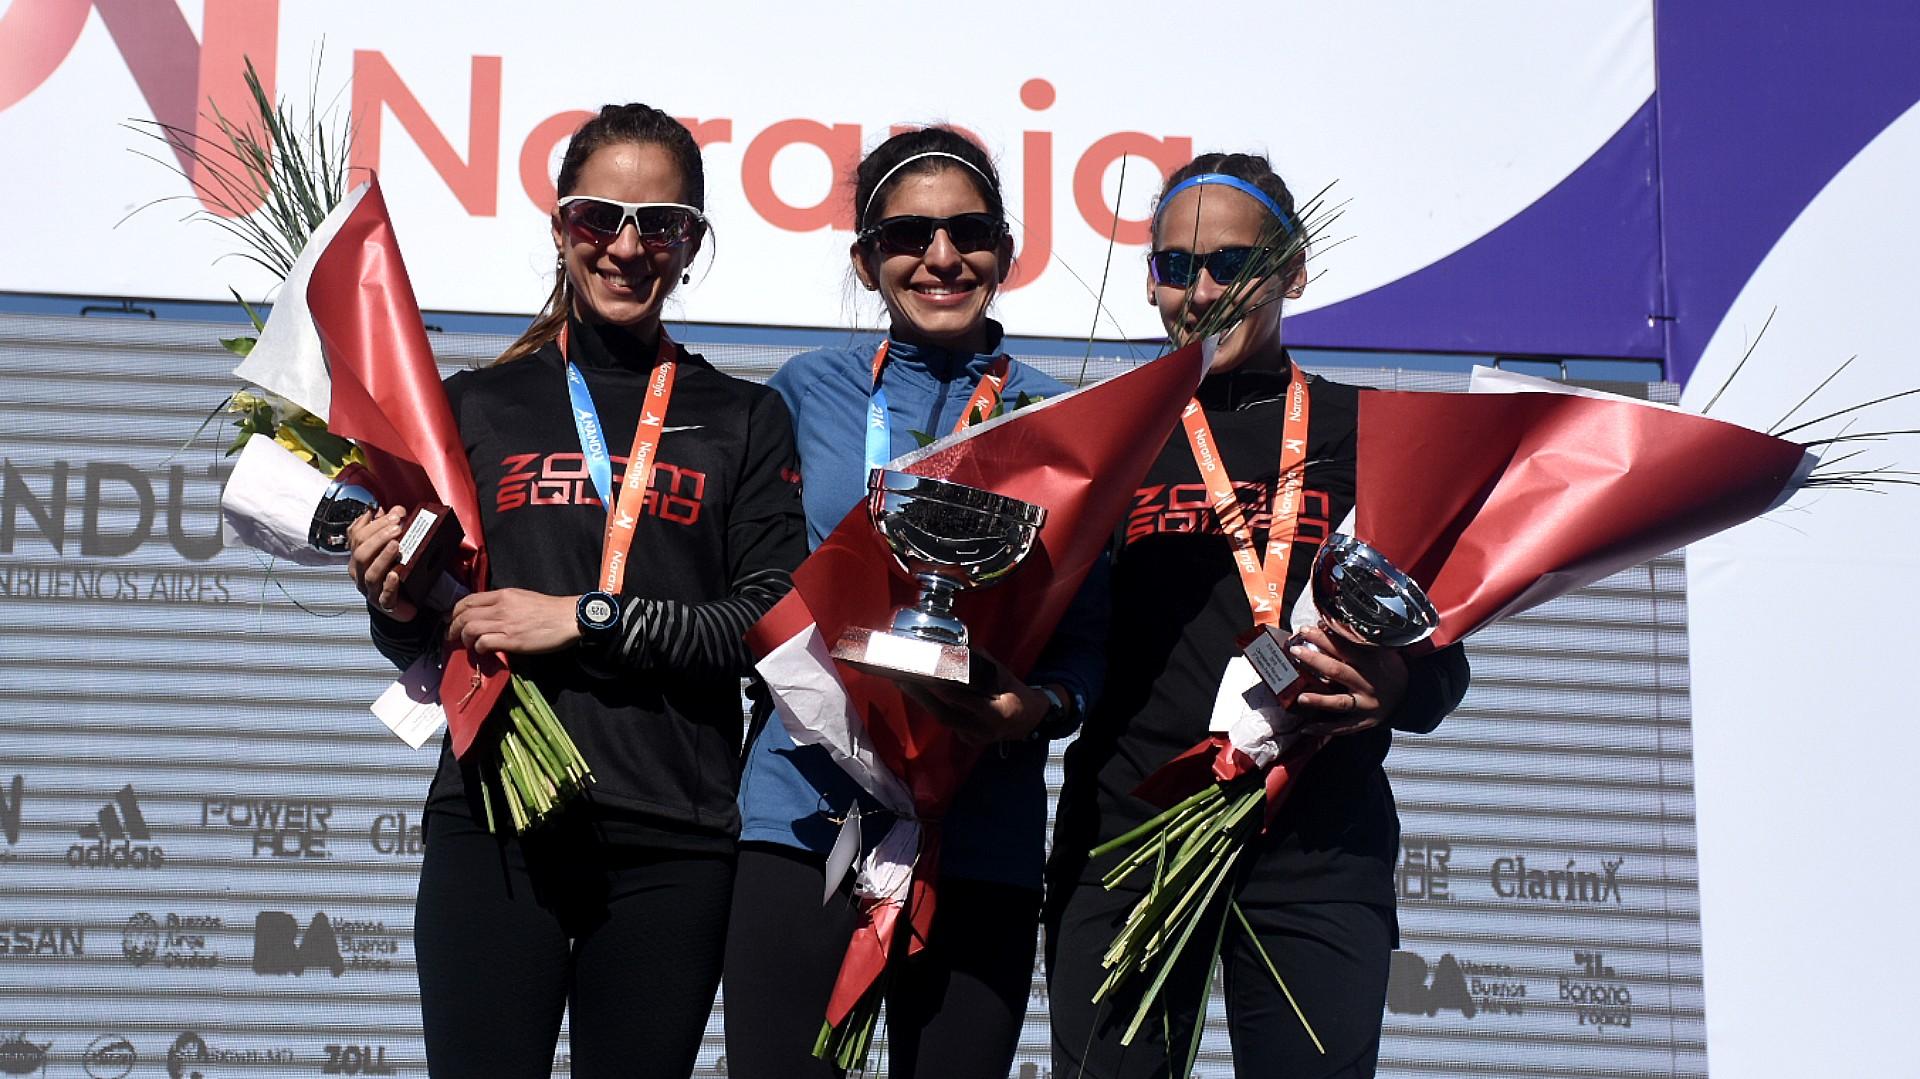 El podio de las argentinas: Daiana Ocampo se convirtió en la campeona argentina de medio maratón con 1:14:04, y en segundo lugar llegó María Luz Tesuri con 1:14:47. El tercer puesto lo ocupó Mariela Ortiz con 1:17:03